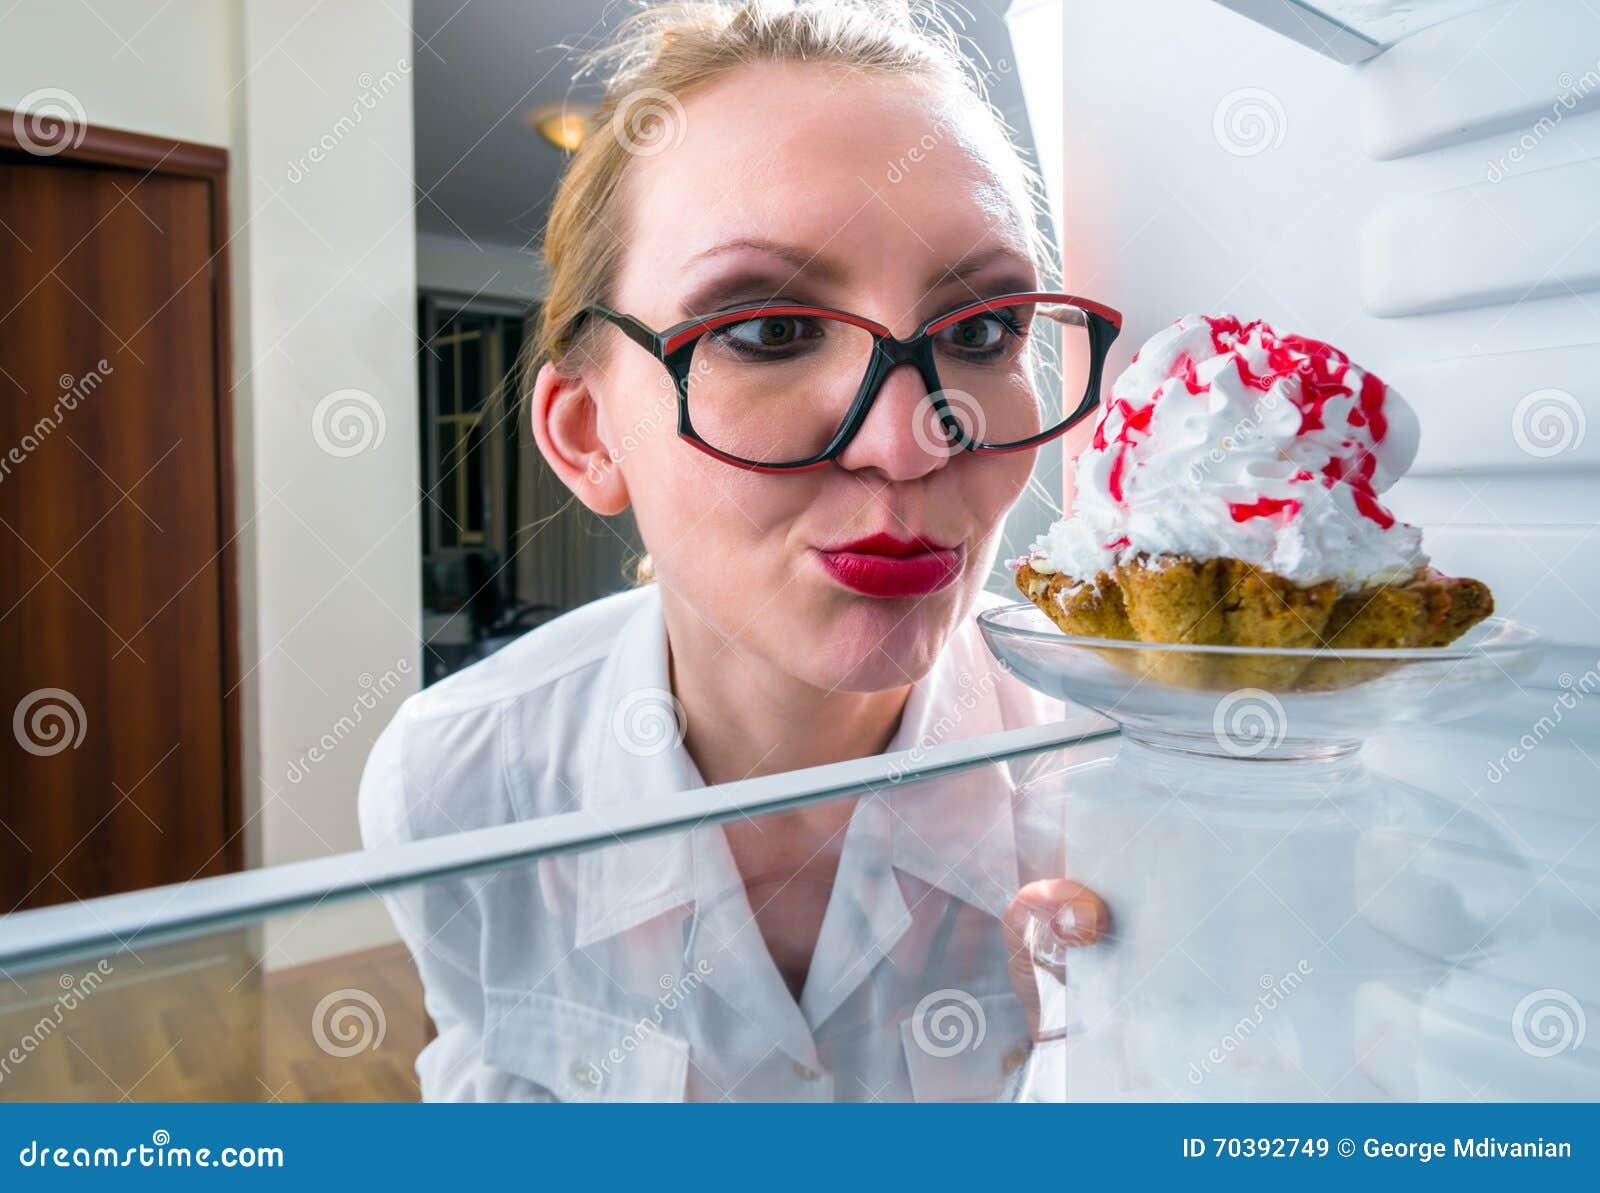 La donna vede il dolce dolce in frigorifero